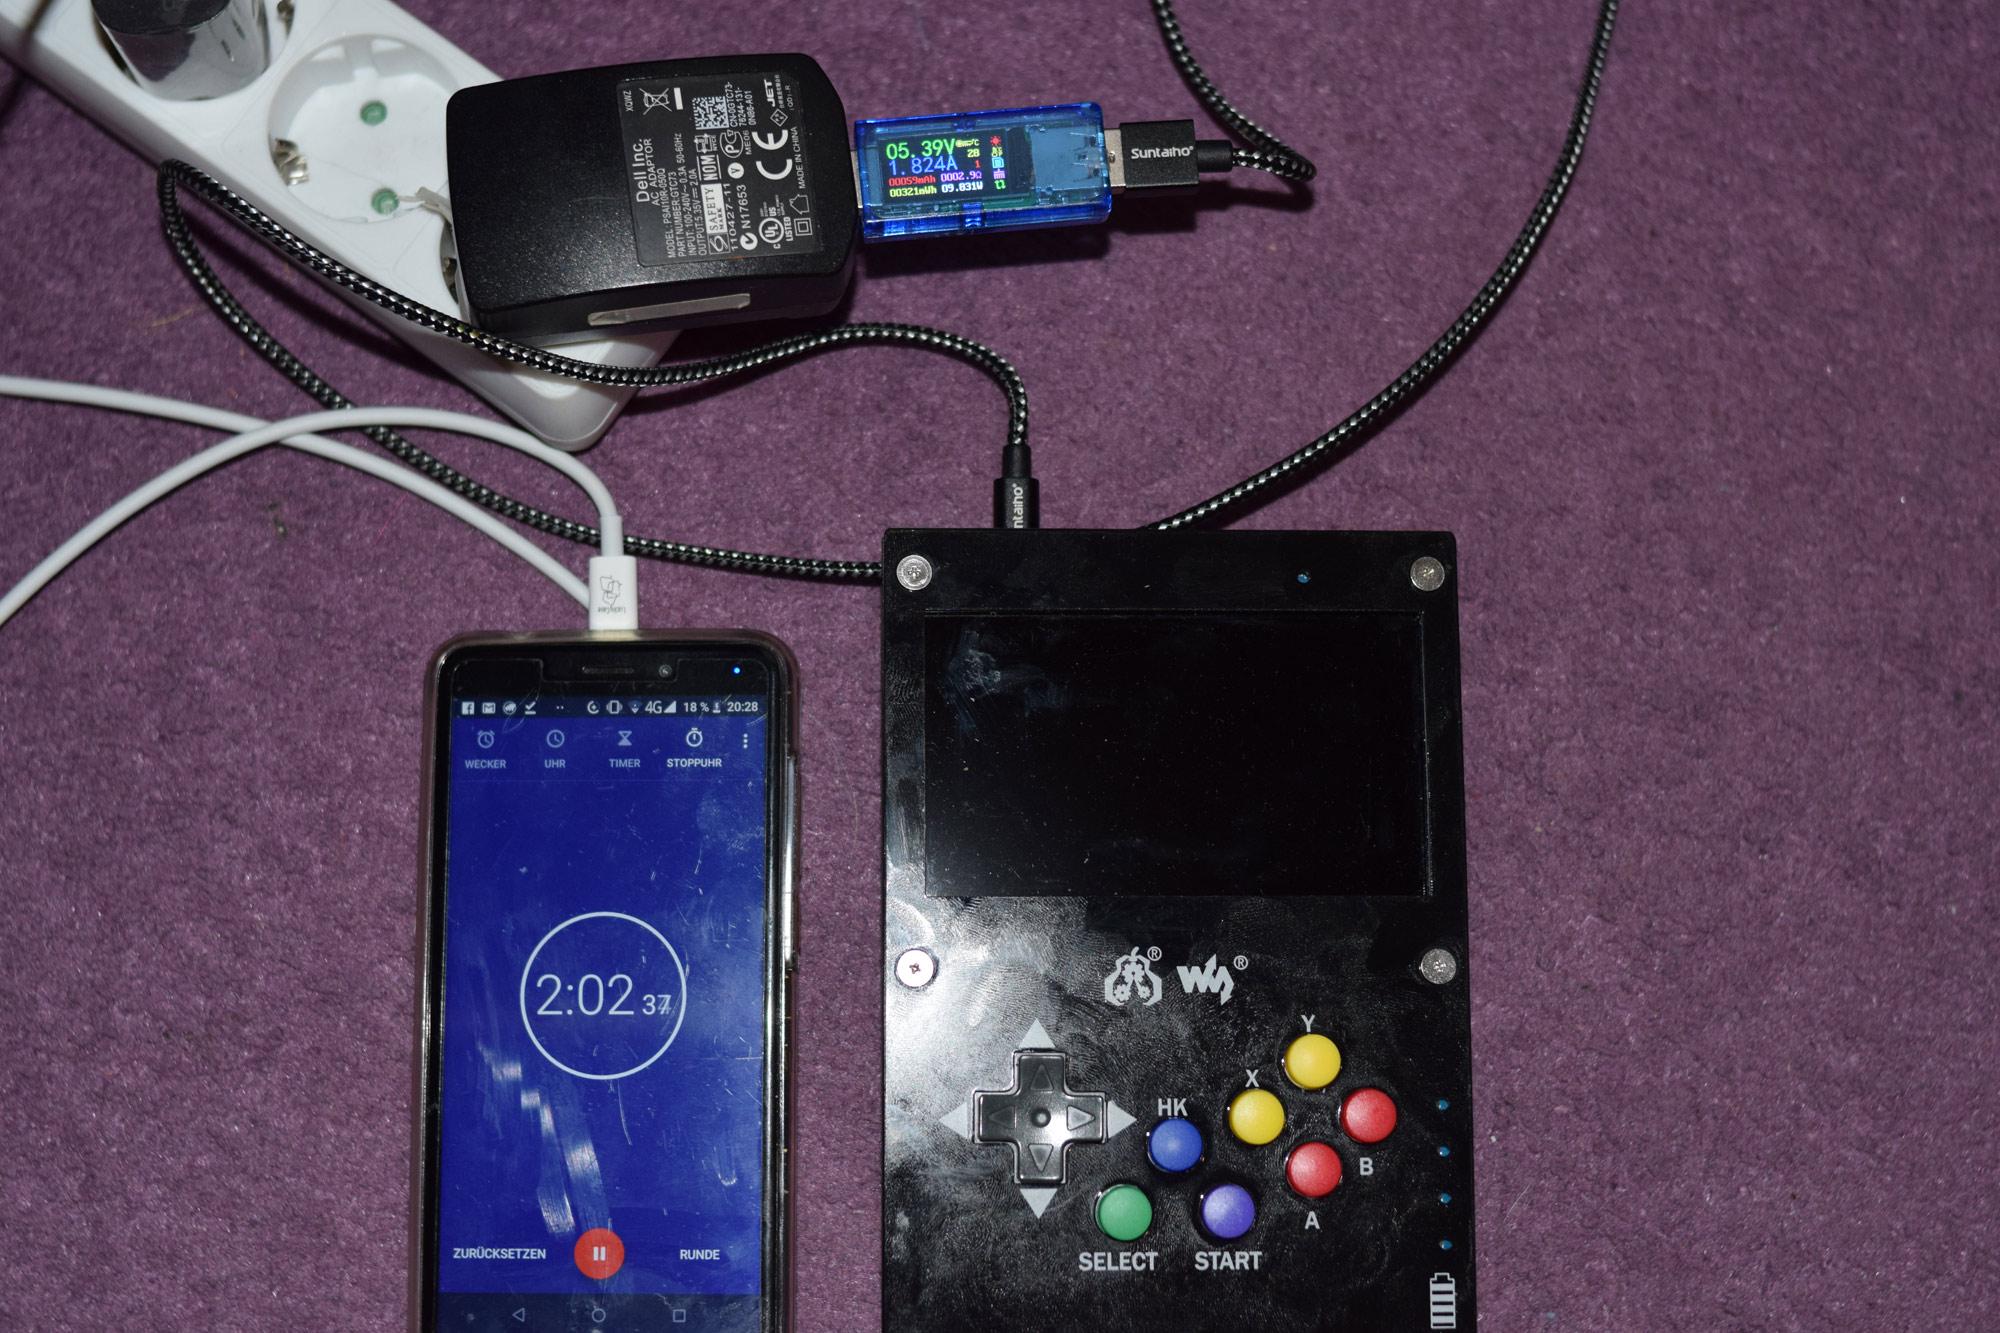 Gamepi43 Versuchsaufbau zum Messen des Energiebedarfs